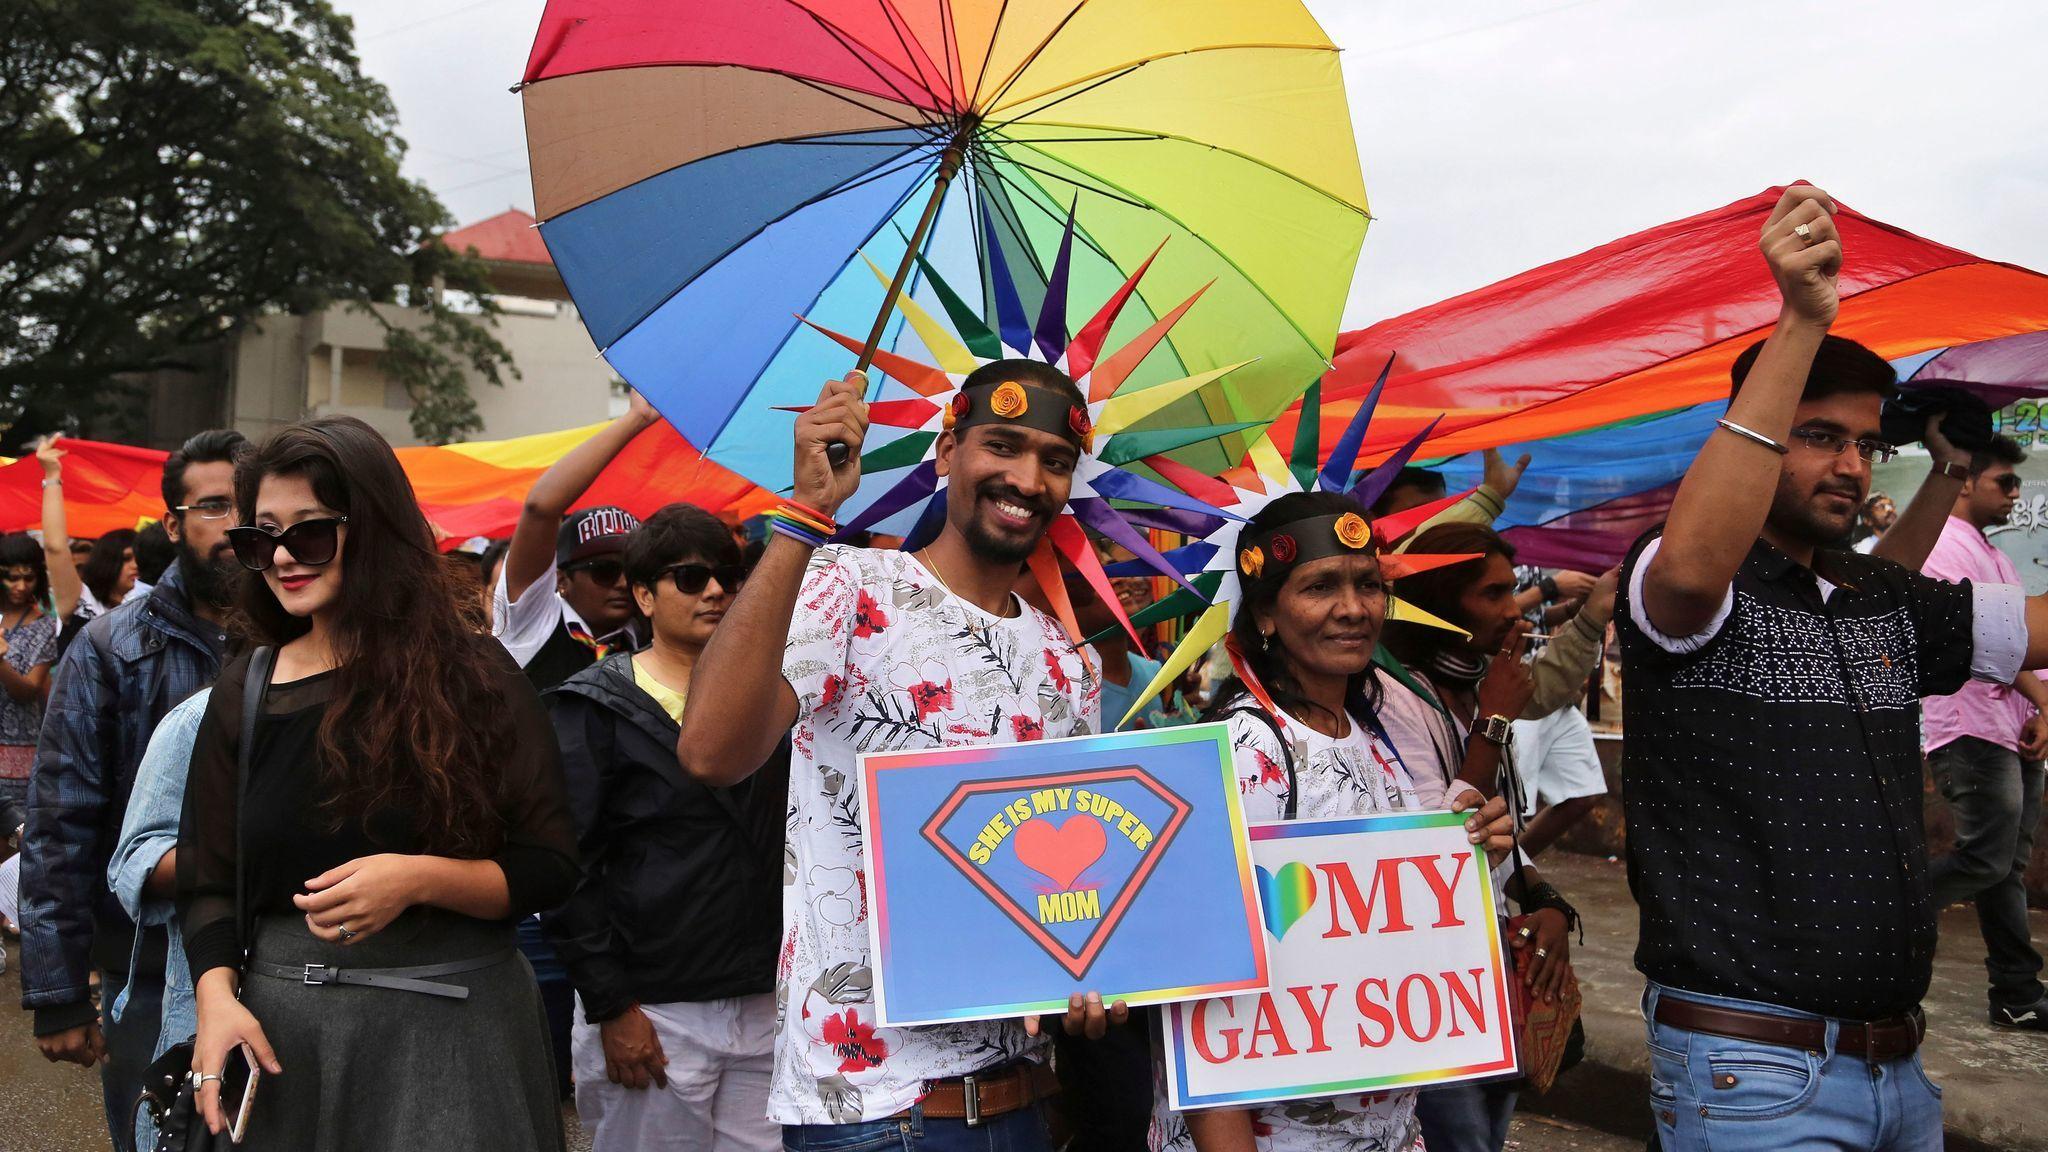 Xxx gay dvd rental